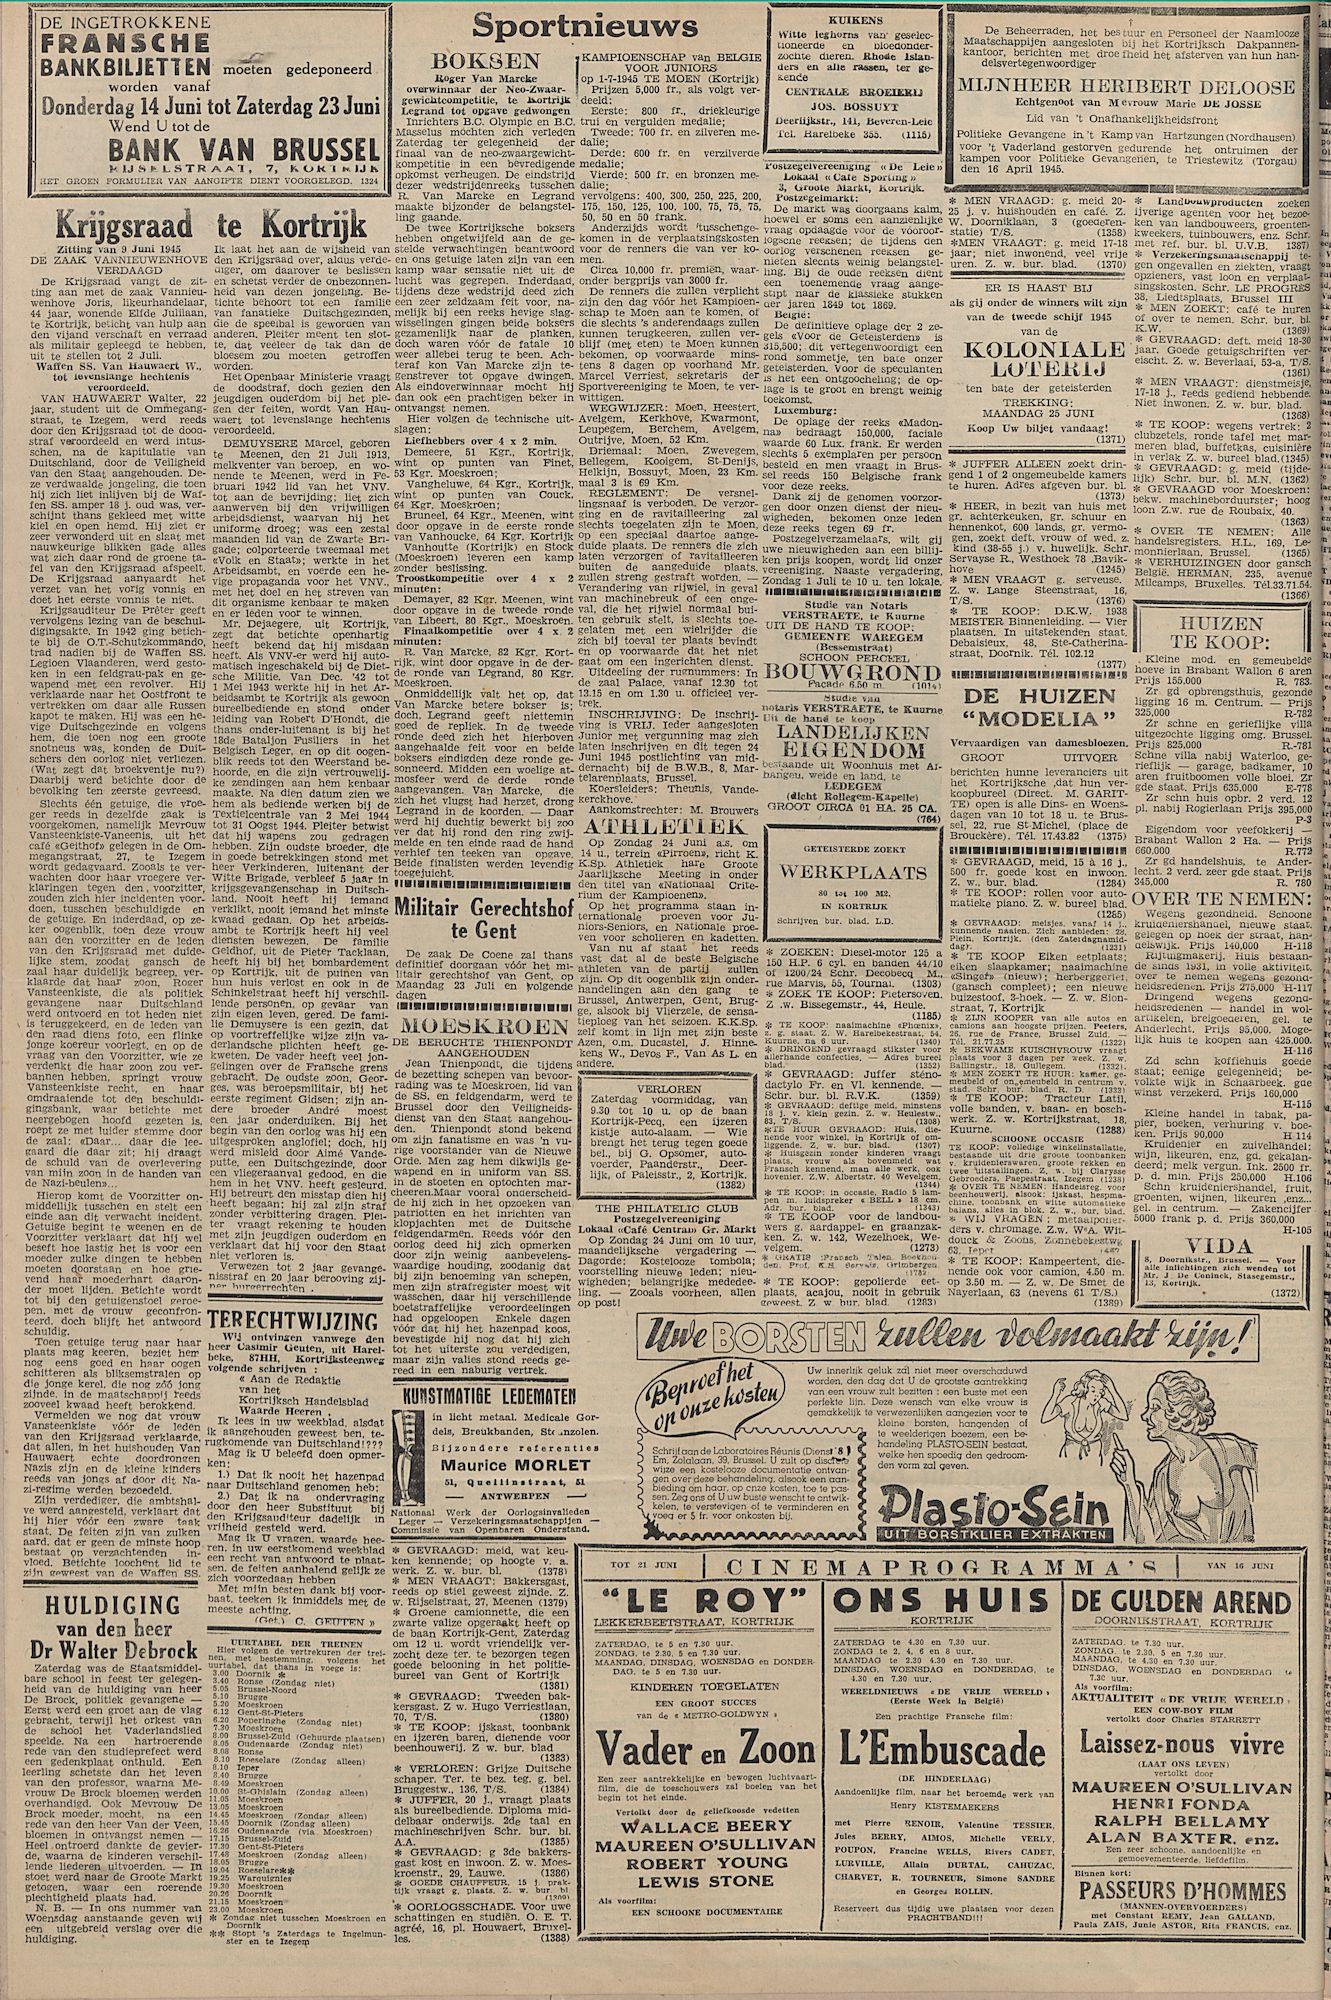 Kortrijksch Handelsblad 20 juni 1945 Nr49 p2